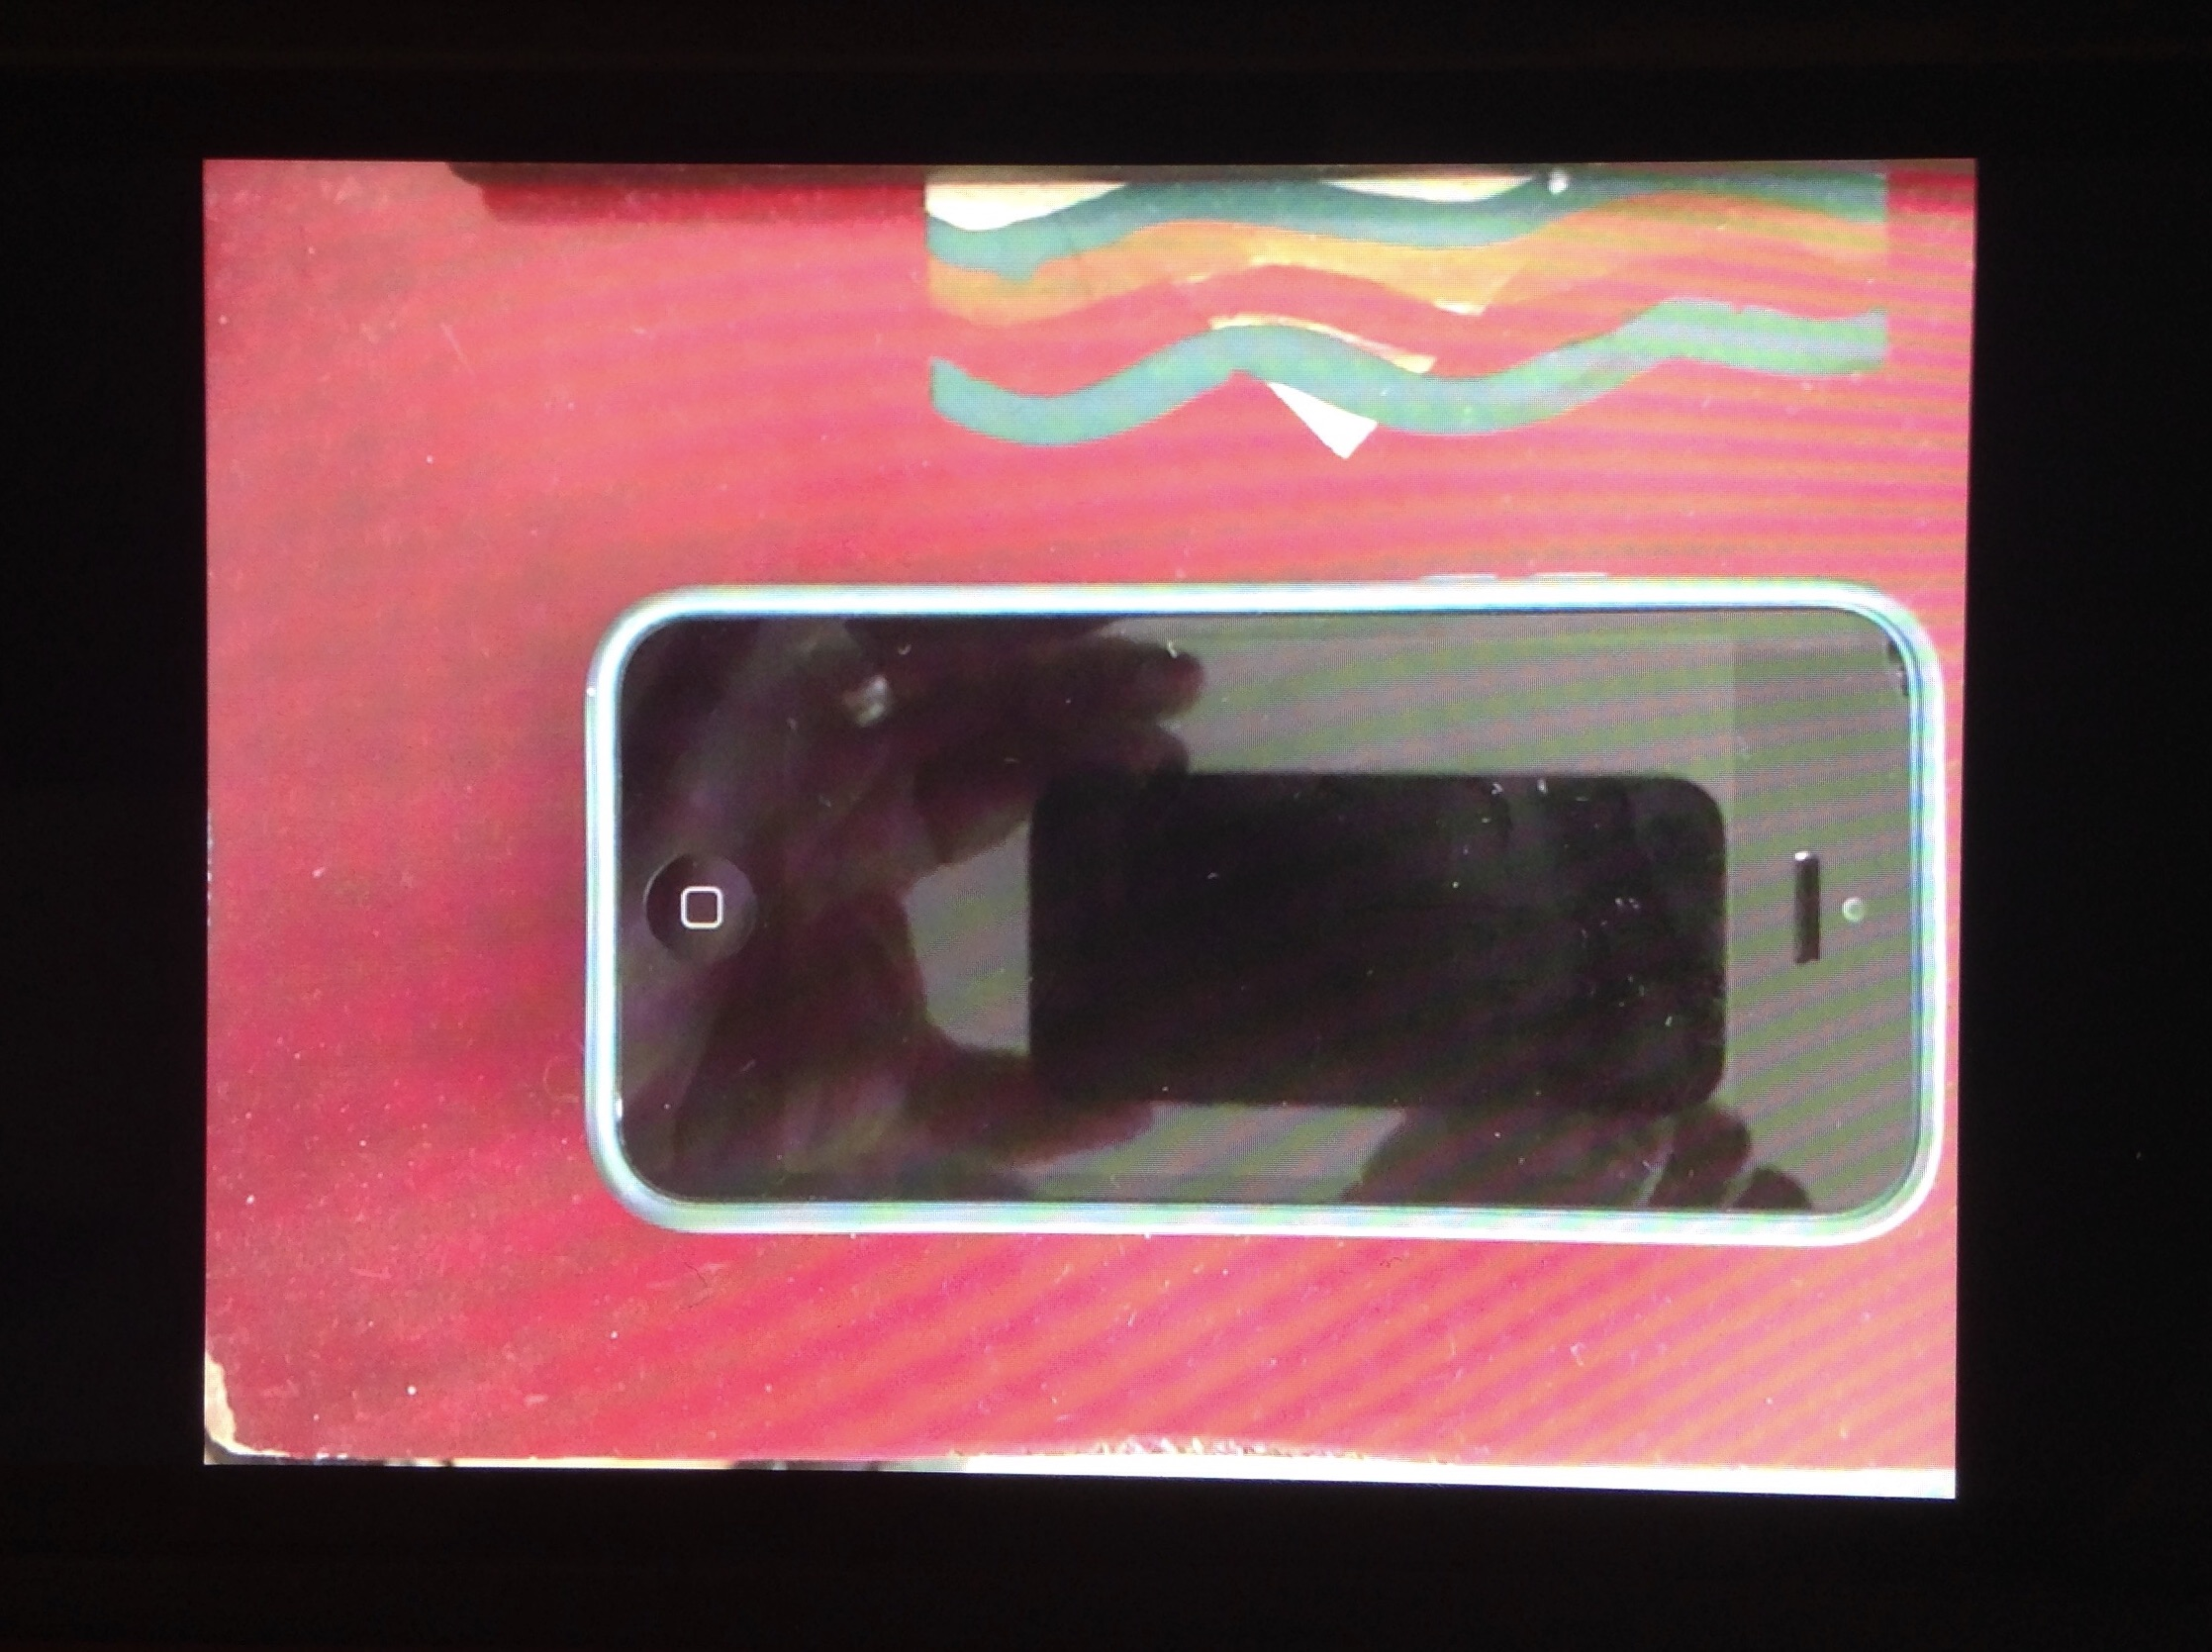 GBM-Phone in Phone